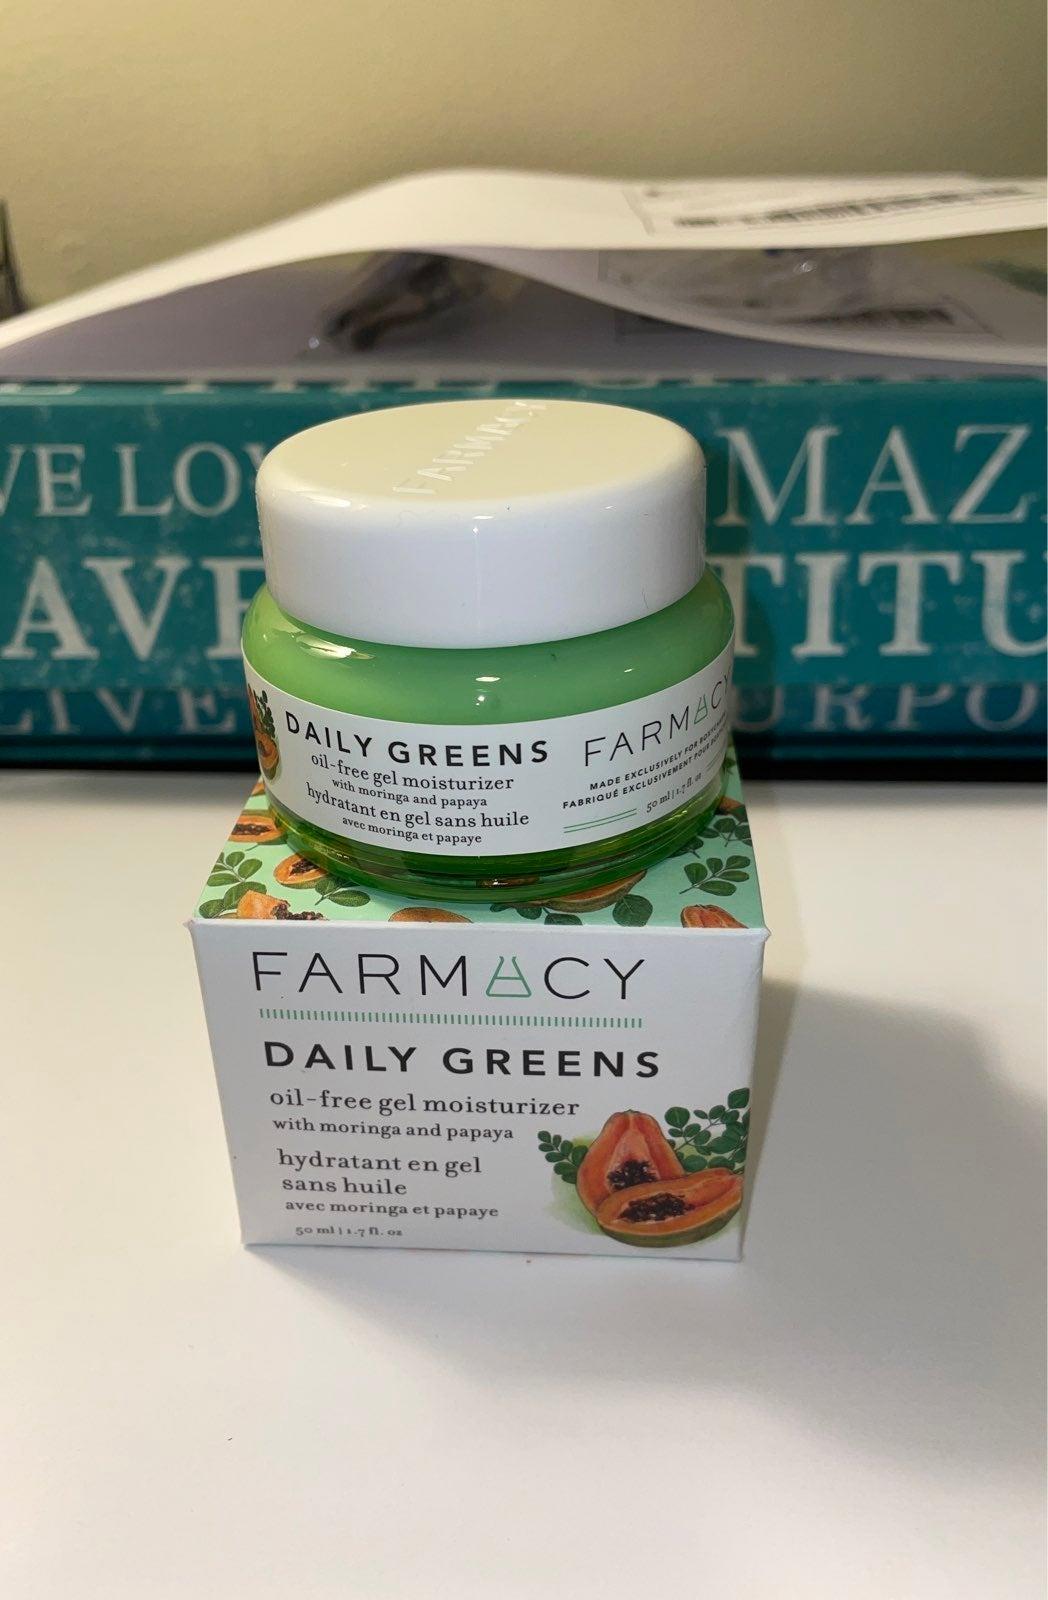 Farmacy Daily Greens Moisturizer